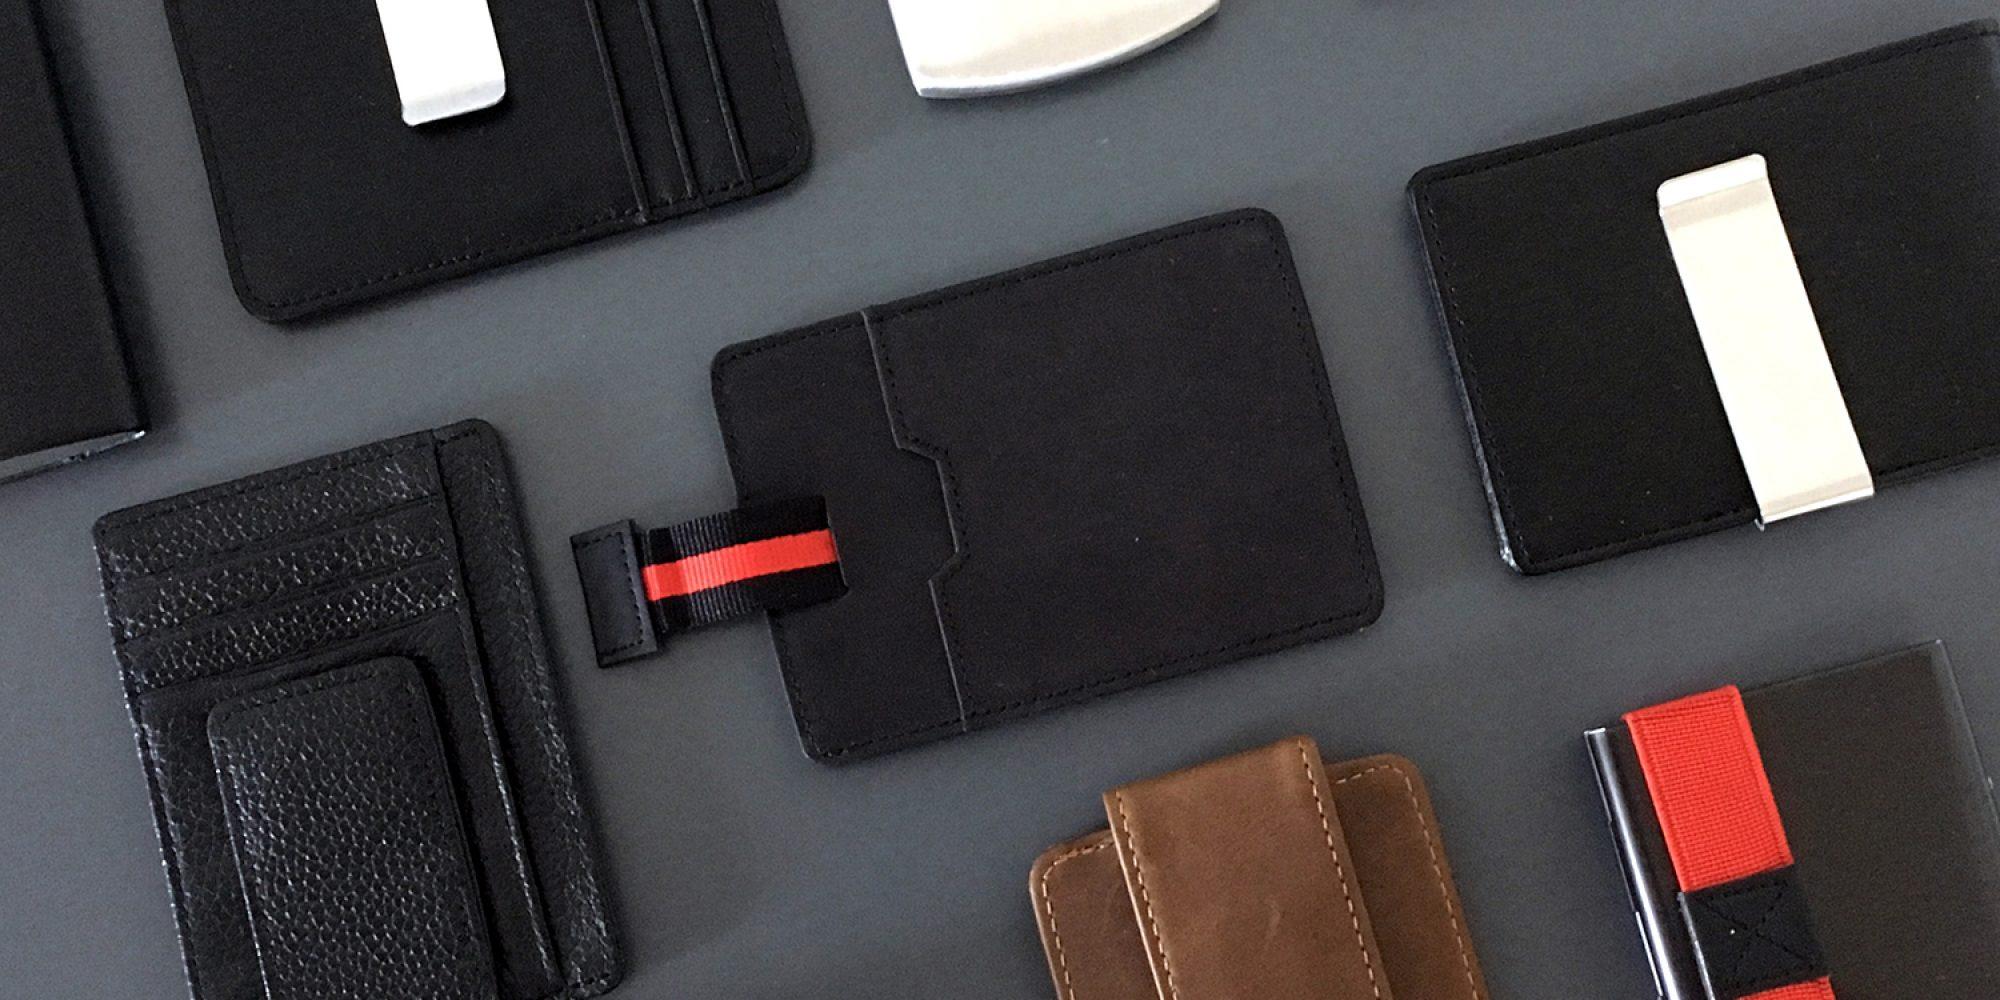 Kleine Leder Schwarze Geldbörse Herren Kompakt 8 Karte 1 Schein Rfid Schutz